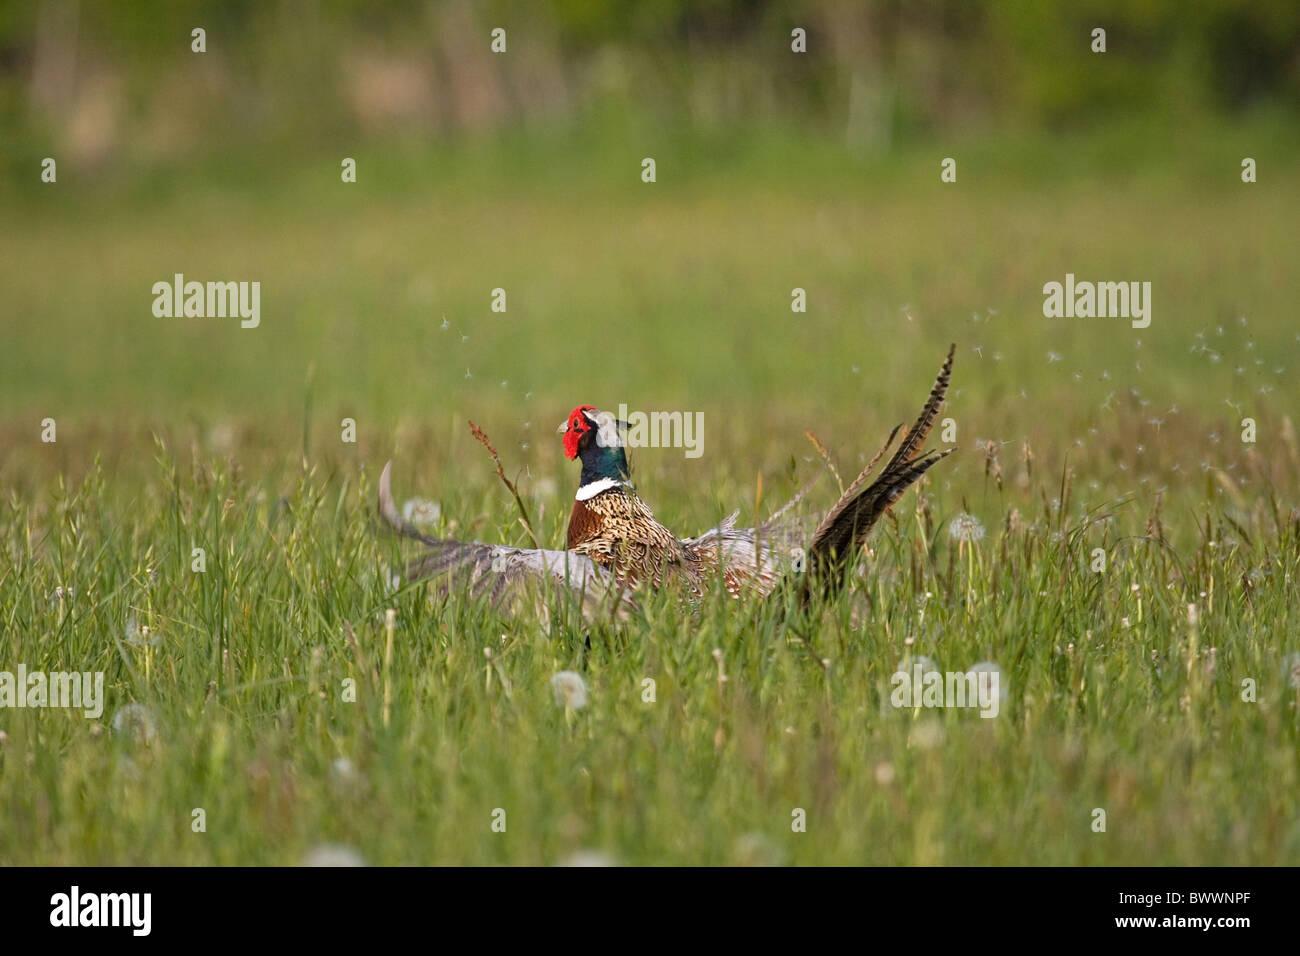 Common Pheasant Phasianus colchicus - Stock Image